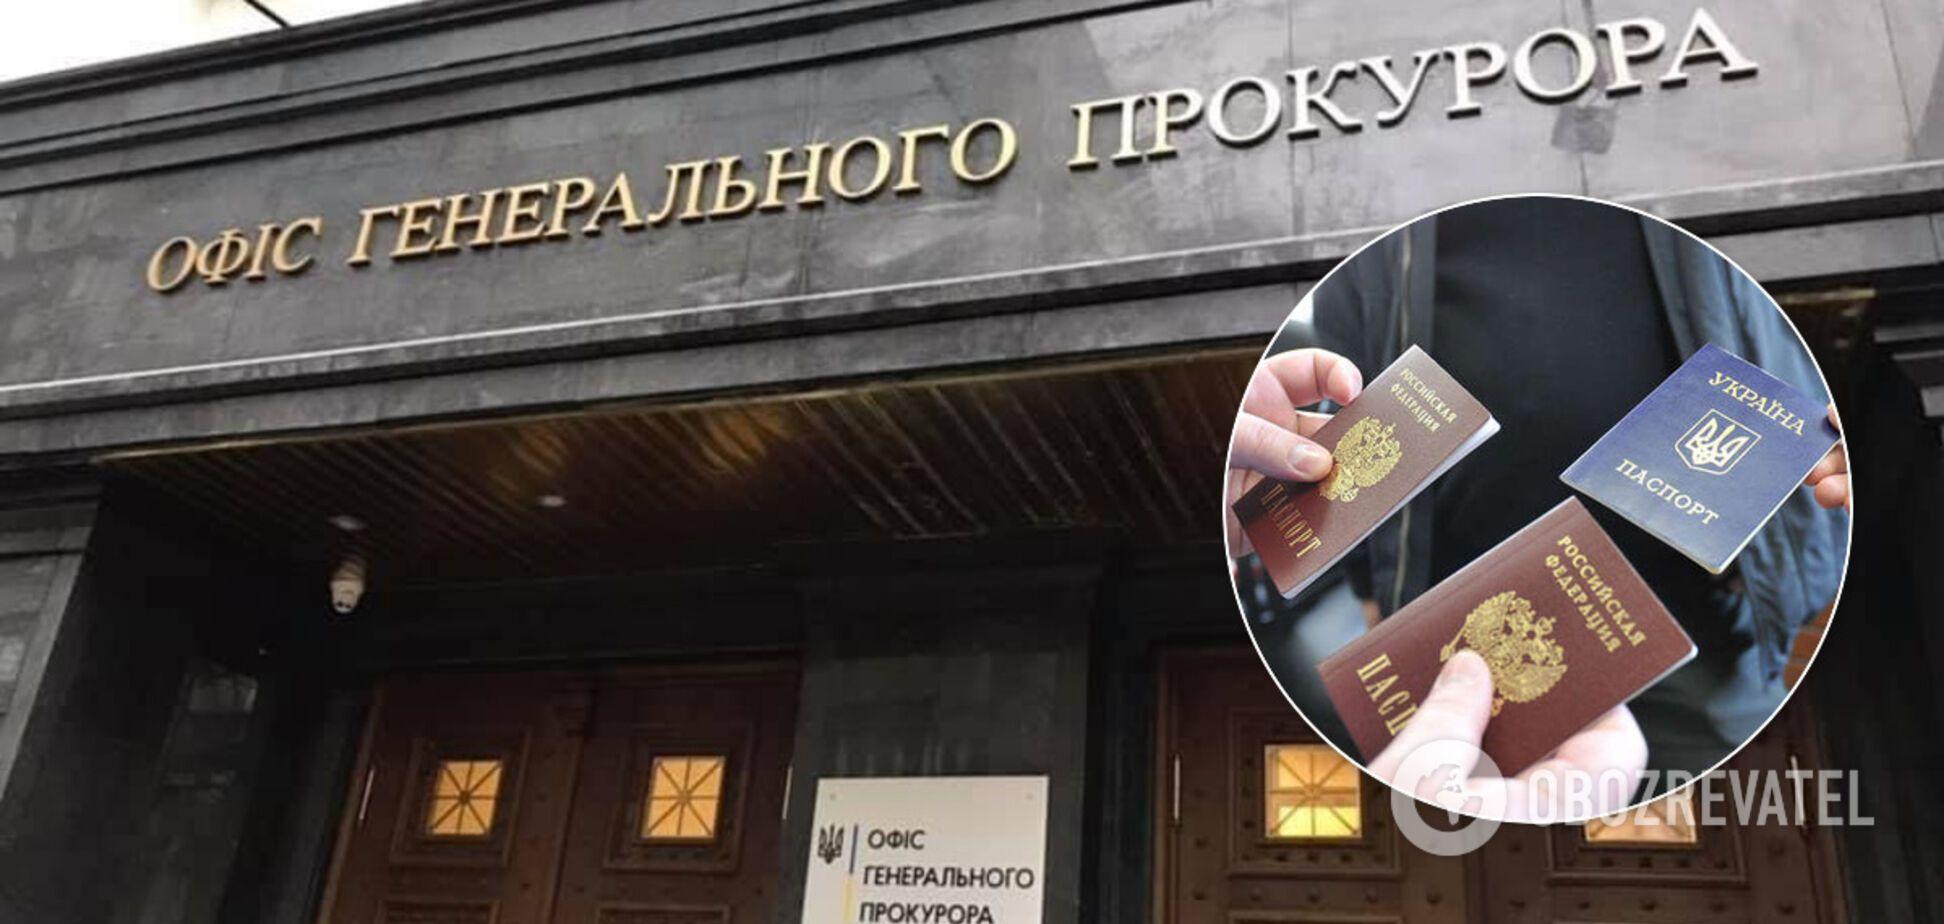 Украина подготовила жесткий ответ Путину за выдачу паспортов на Донбассе